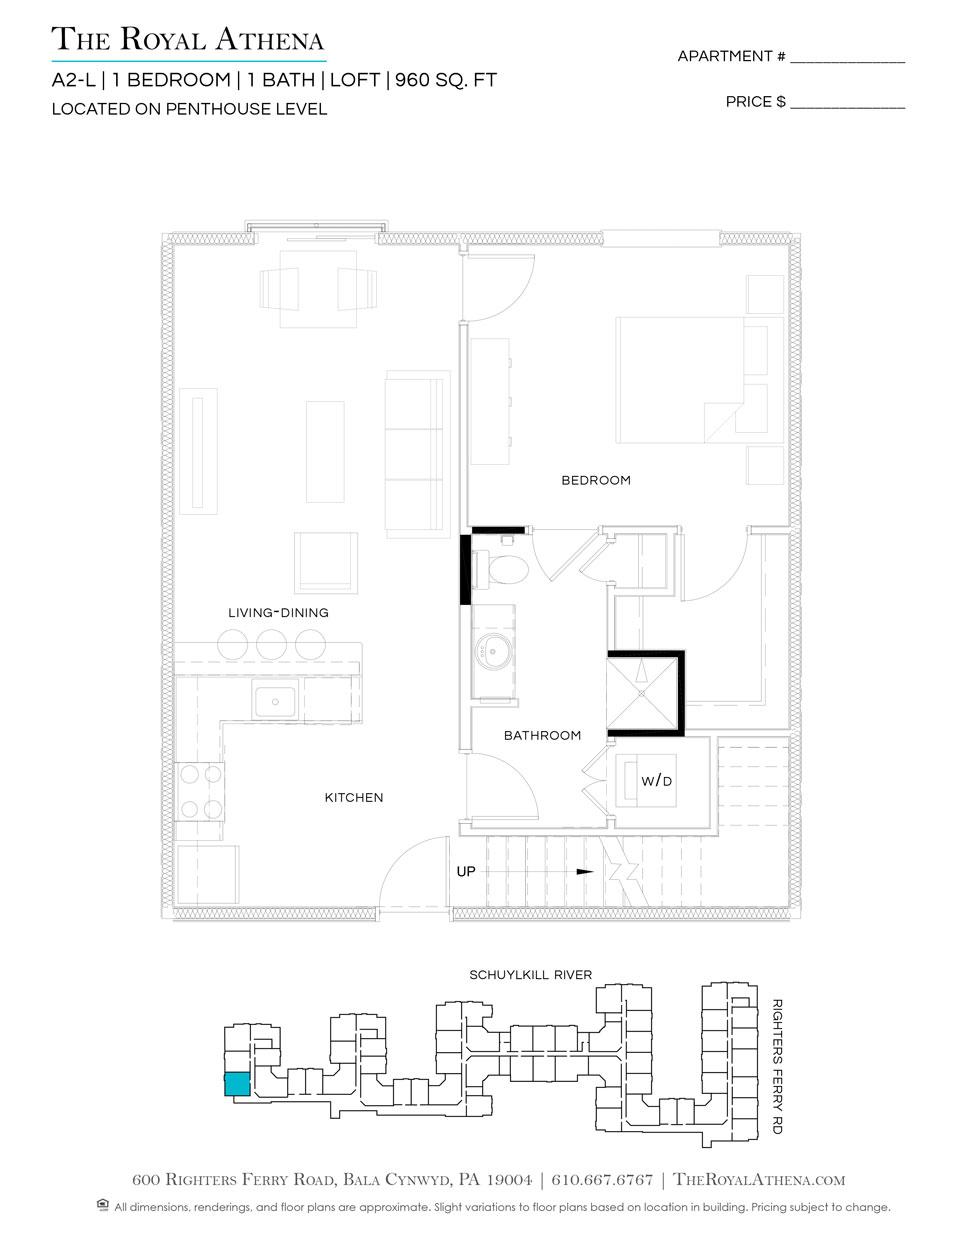 P0659218 a2 l 1 2 floorplan